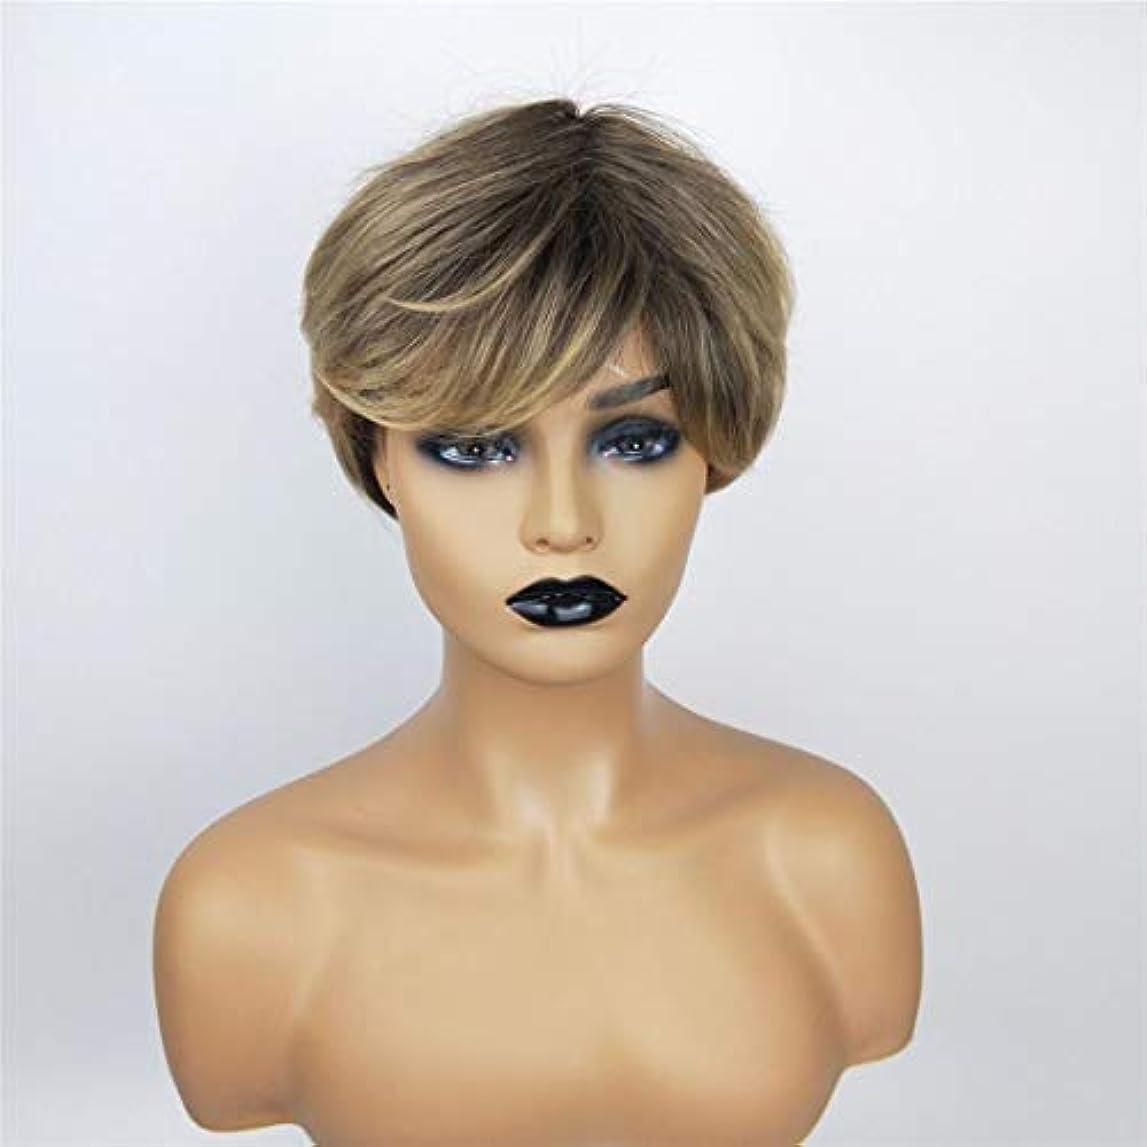 合理化兄弟愛発音Kerwinner 女性のための茶色のかつら短い巻き毛のかつら合成完全女性のかつら